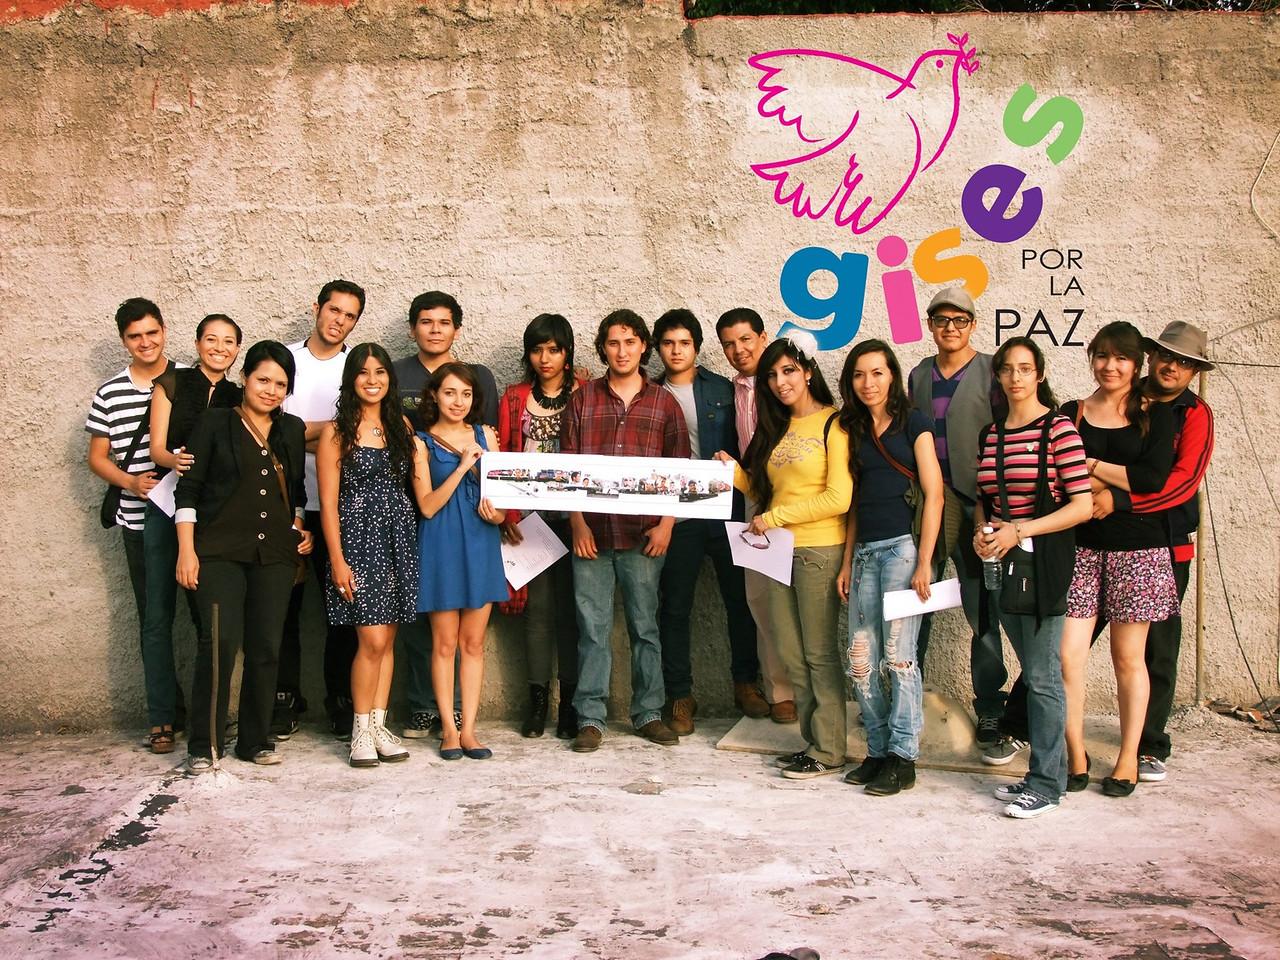 Gises Por La Paz 2013  Colores de Jalisco y la Instituto de Cultura Zapopan  Glorieta Chapalita Jalisco, Guadalajara photo: